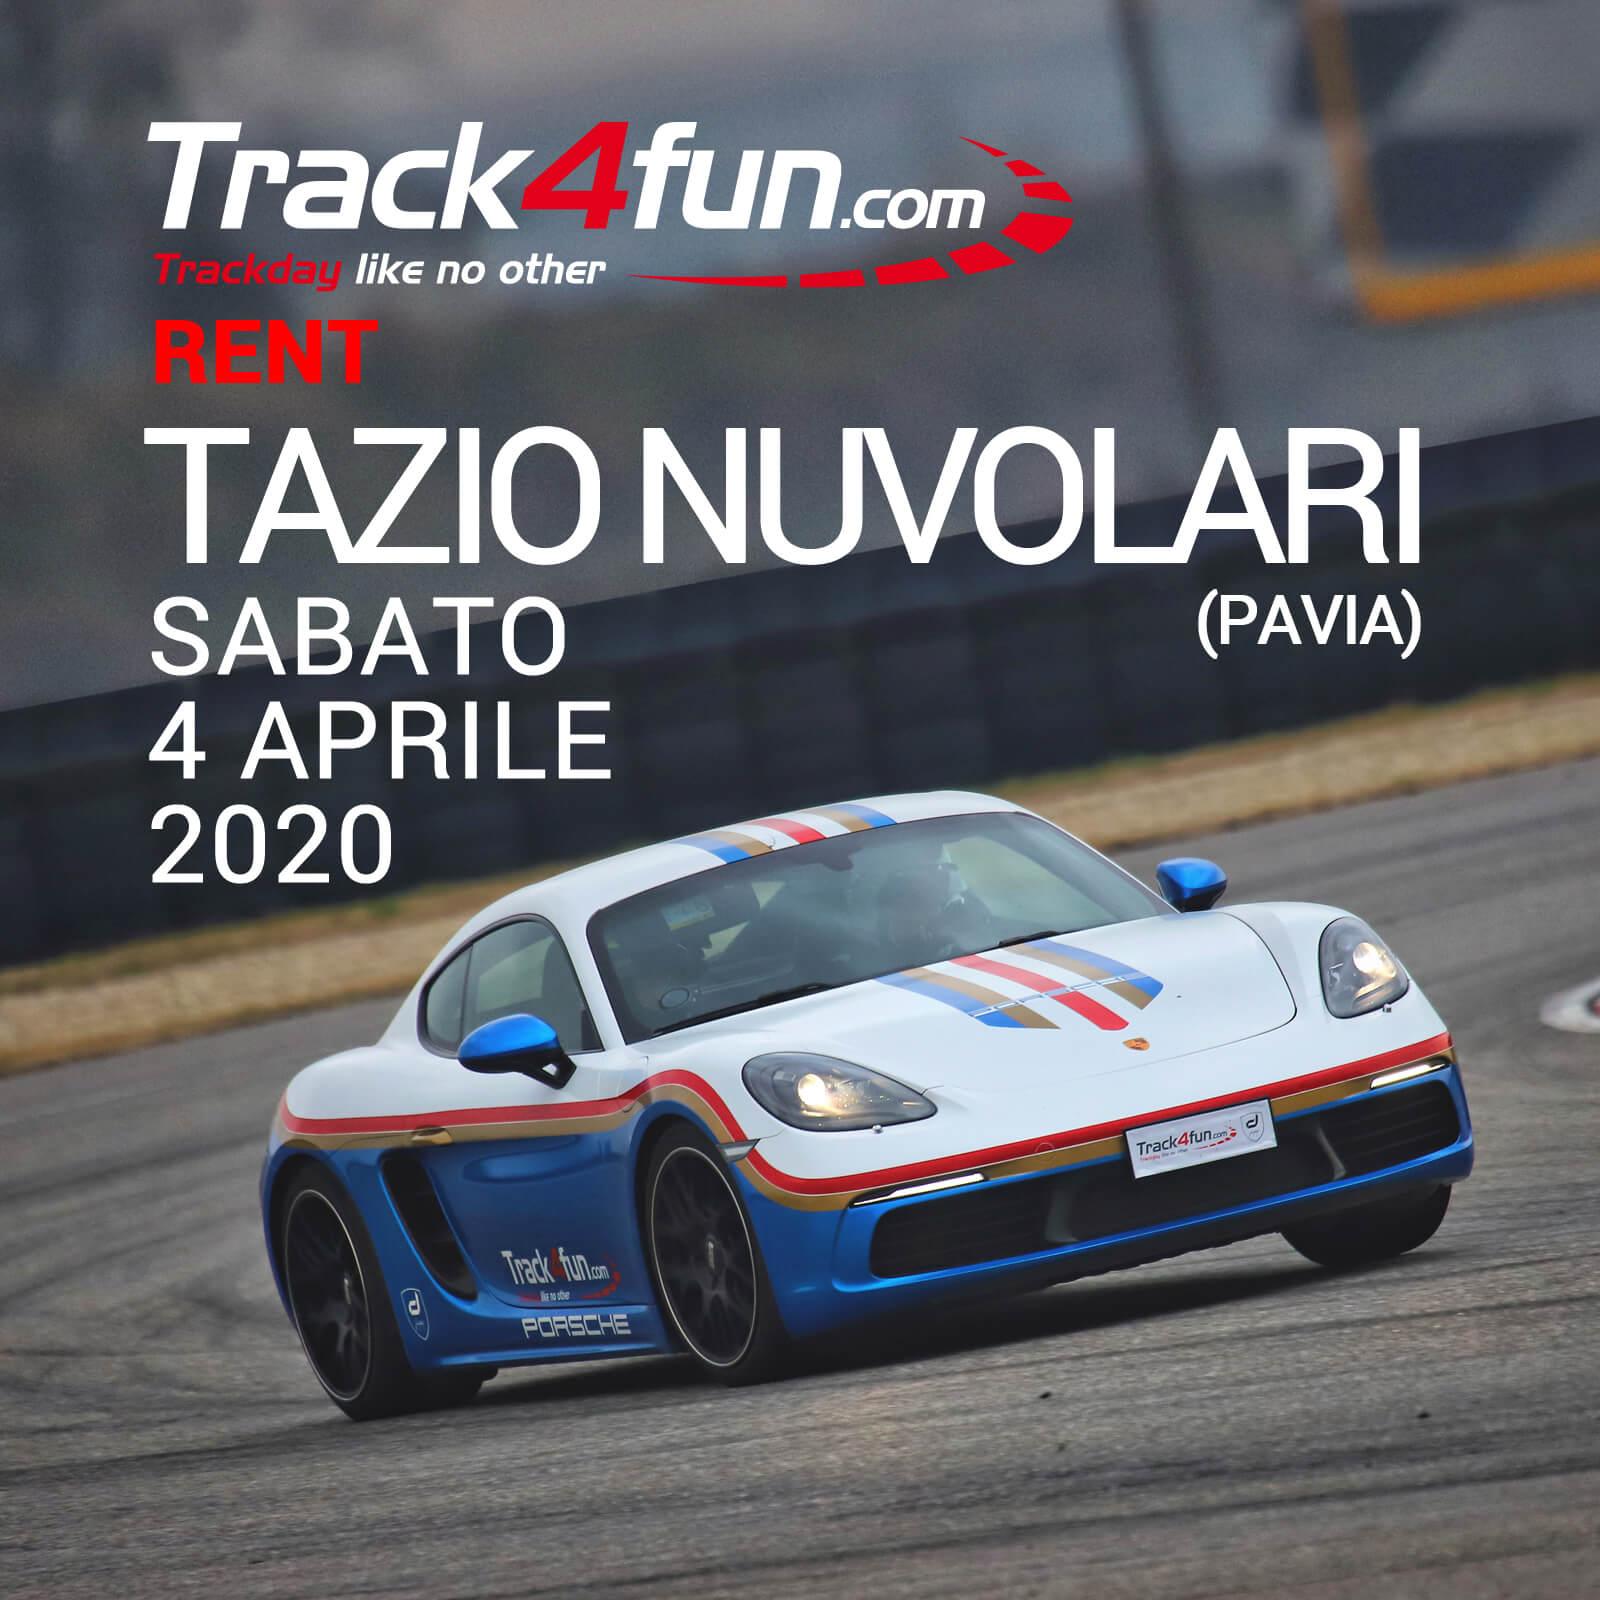 Track4fun Rent Tazio Nuvolari 04-04-2020